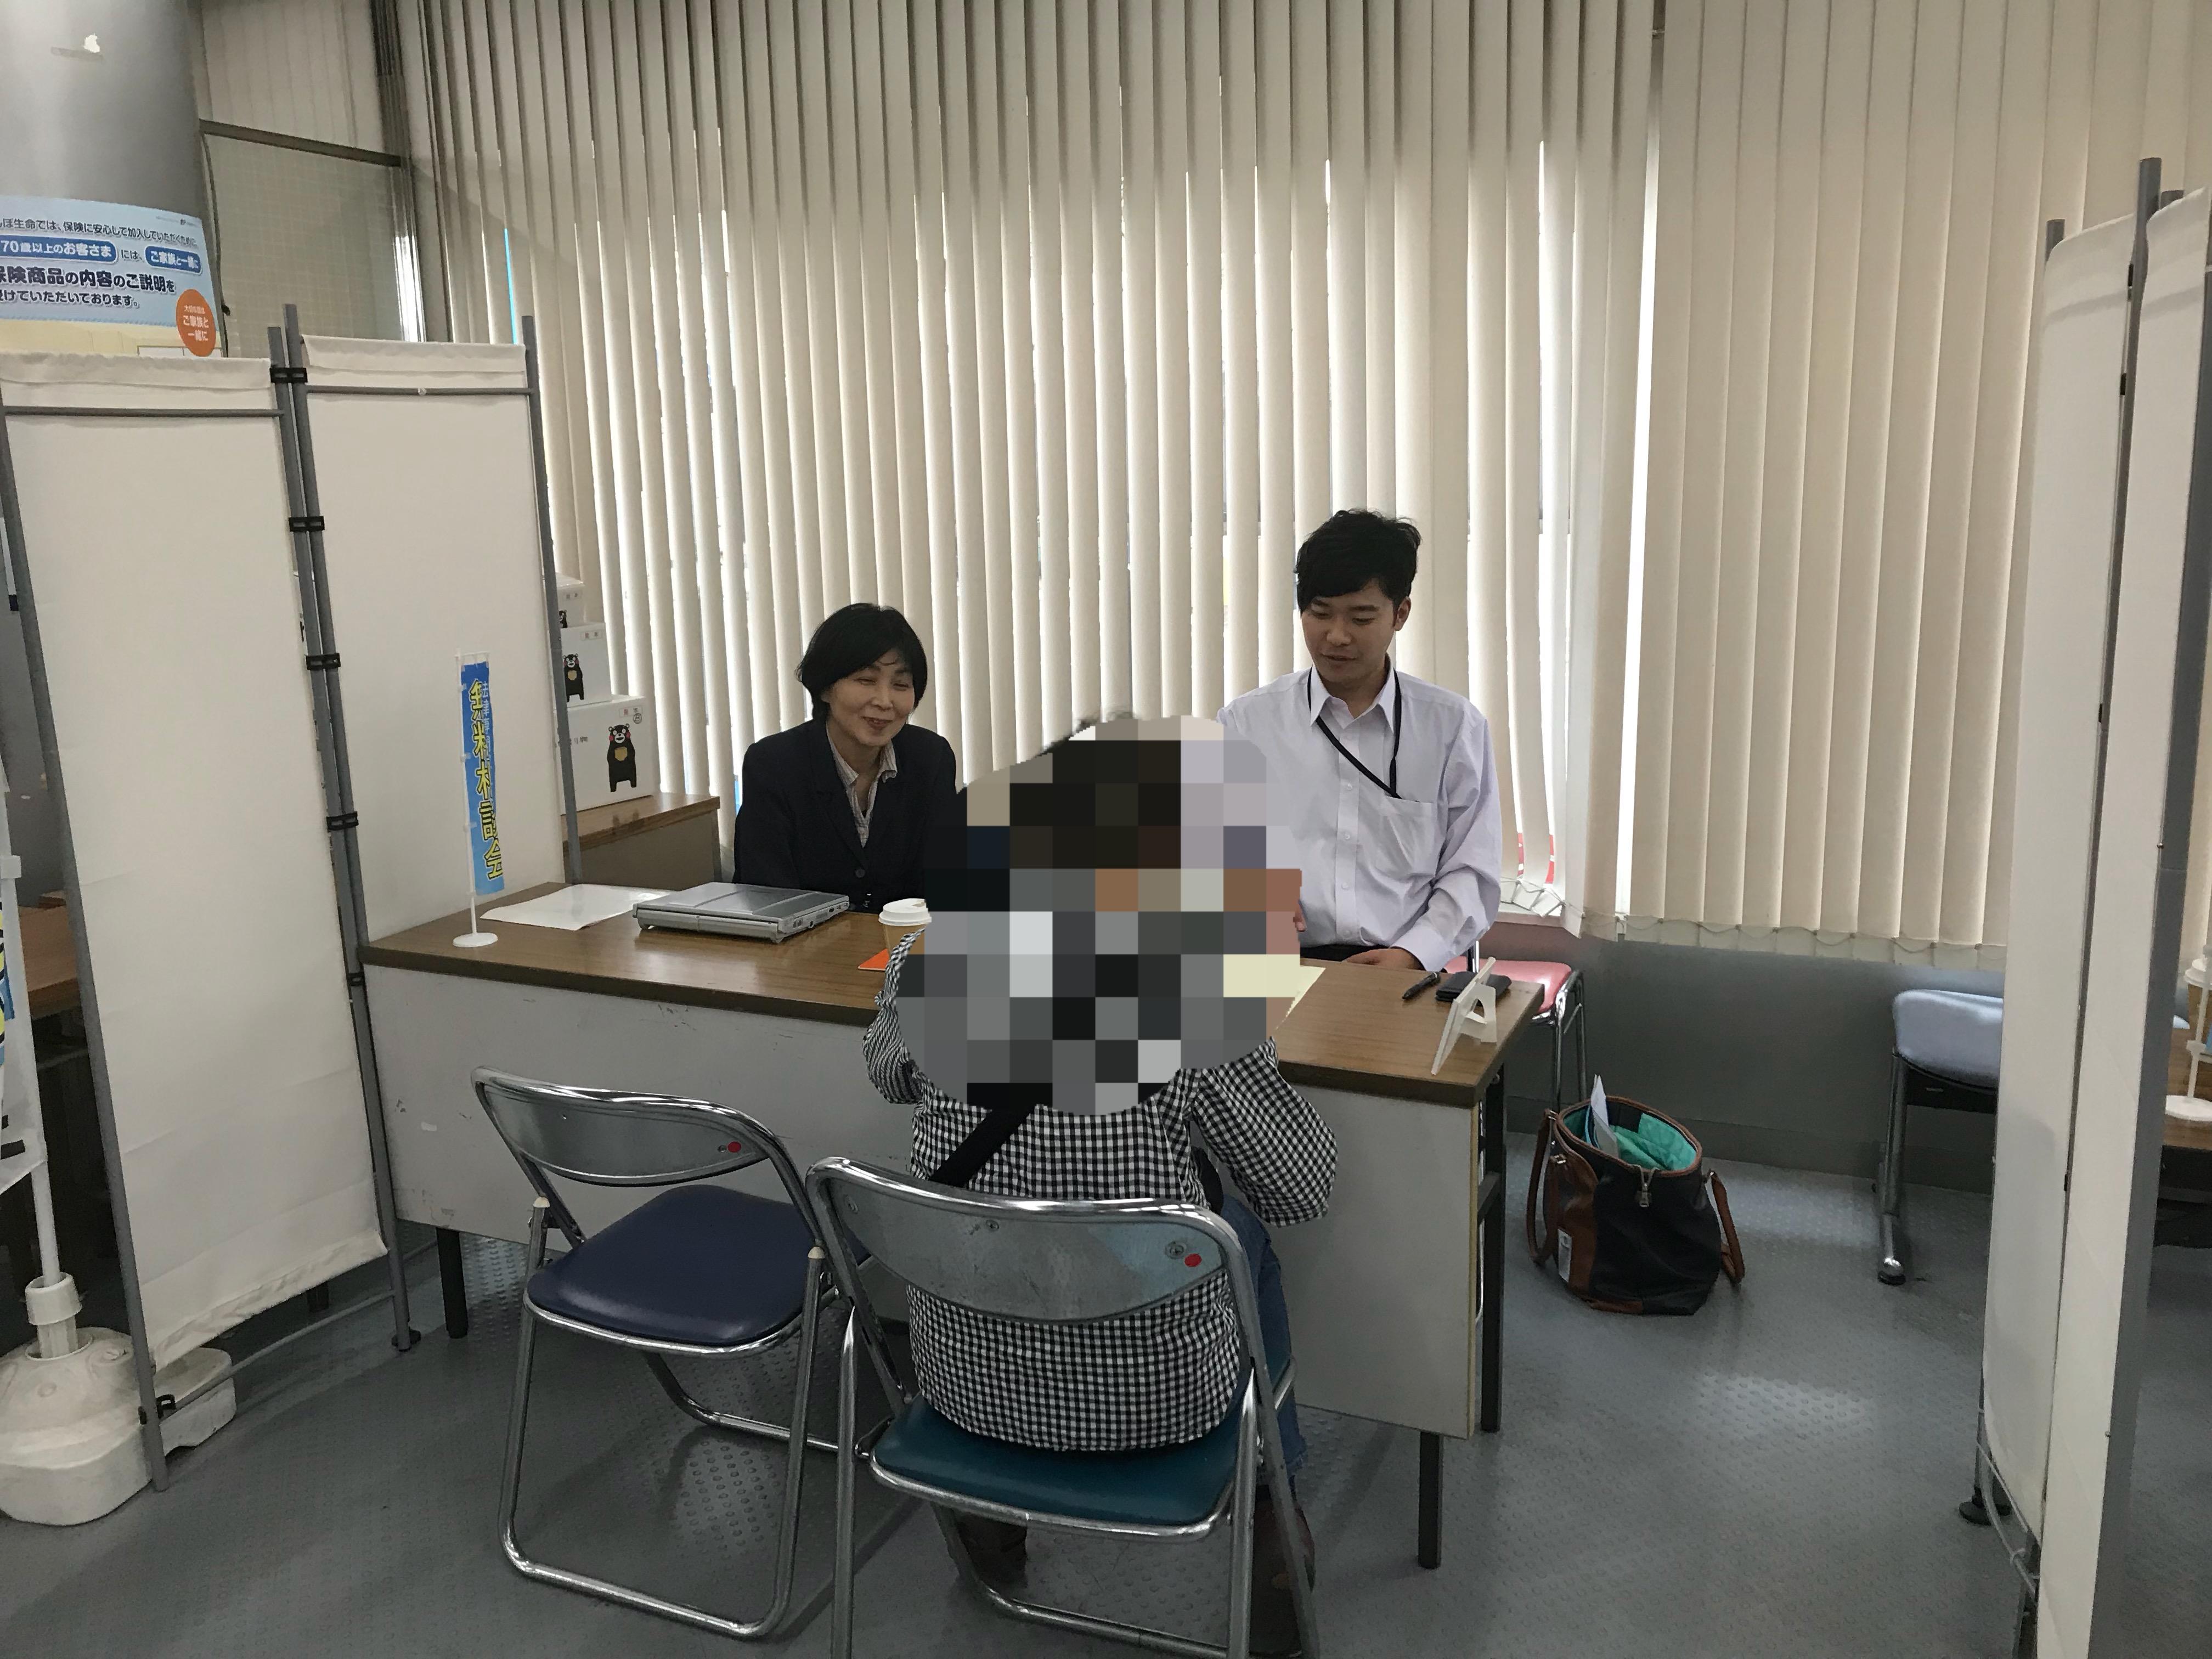 朝倉市 社会保険労務士